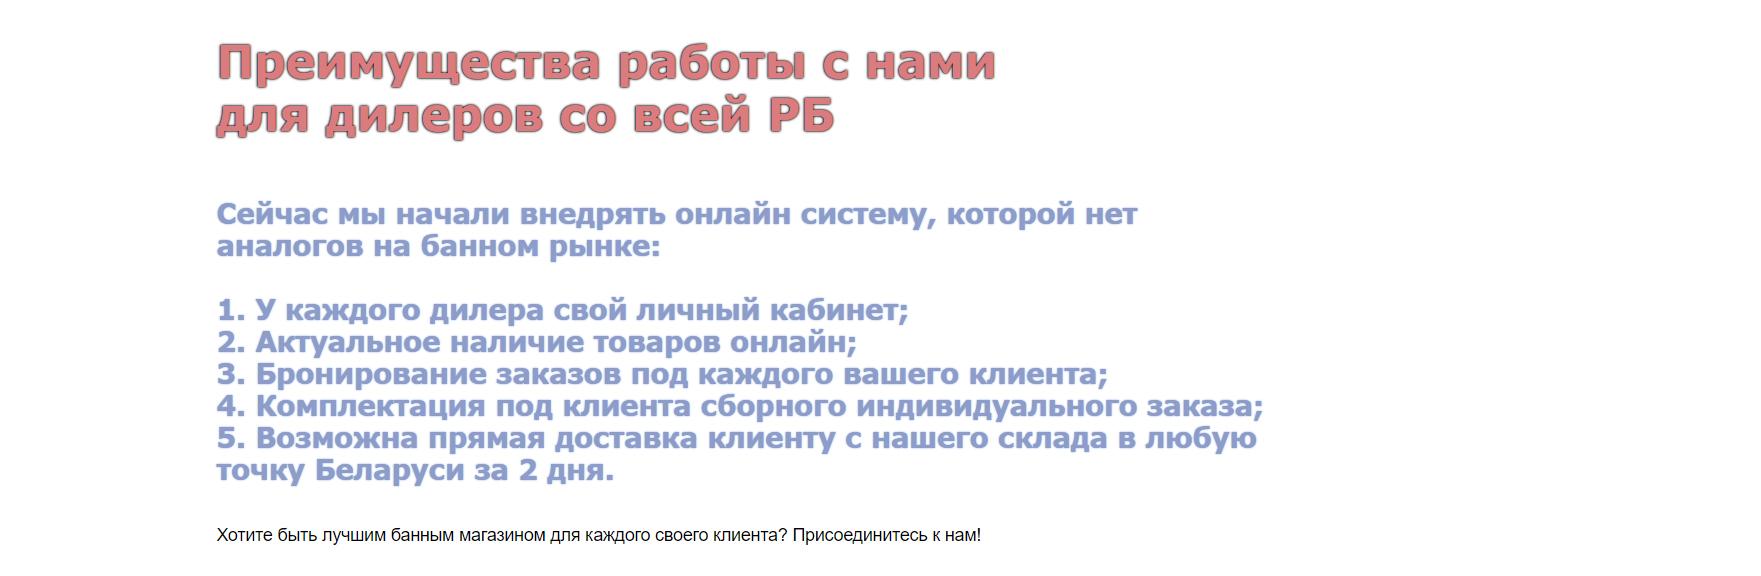 Опт 1